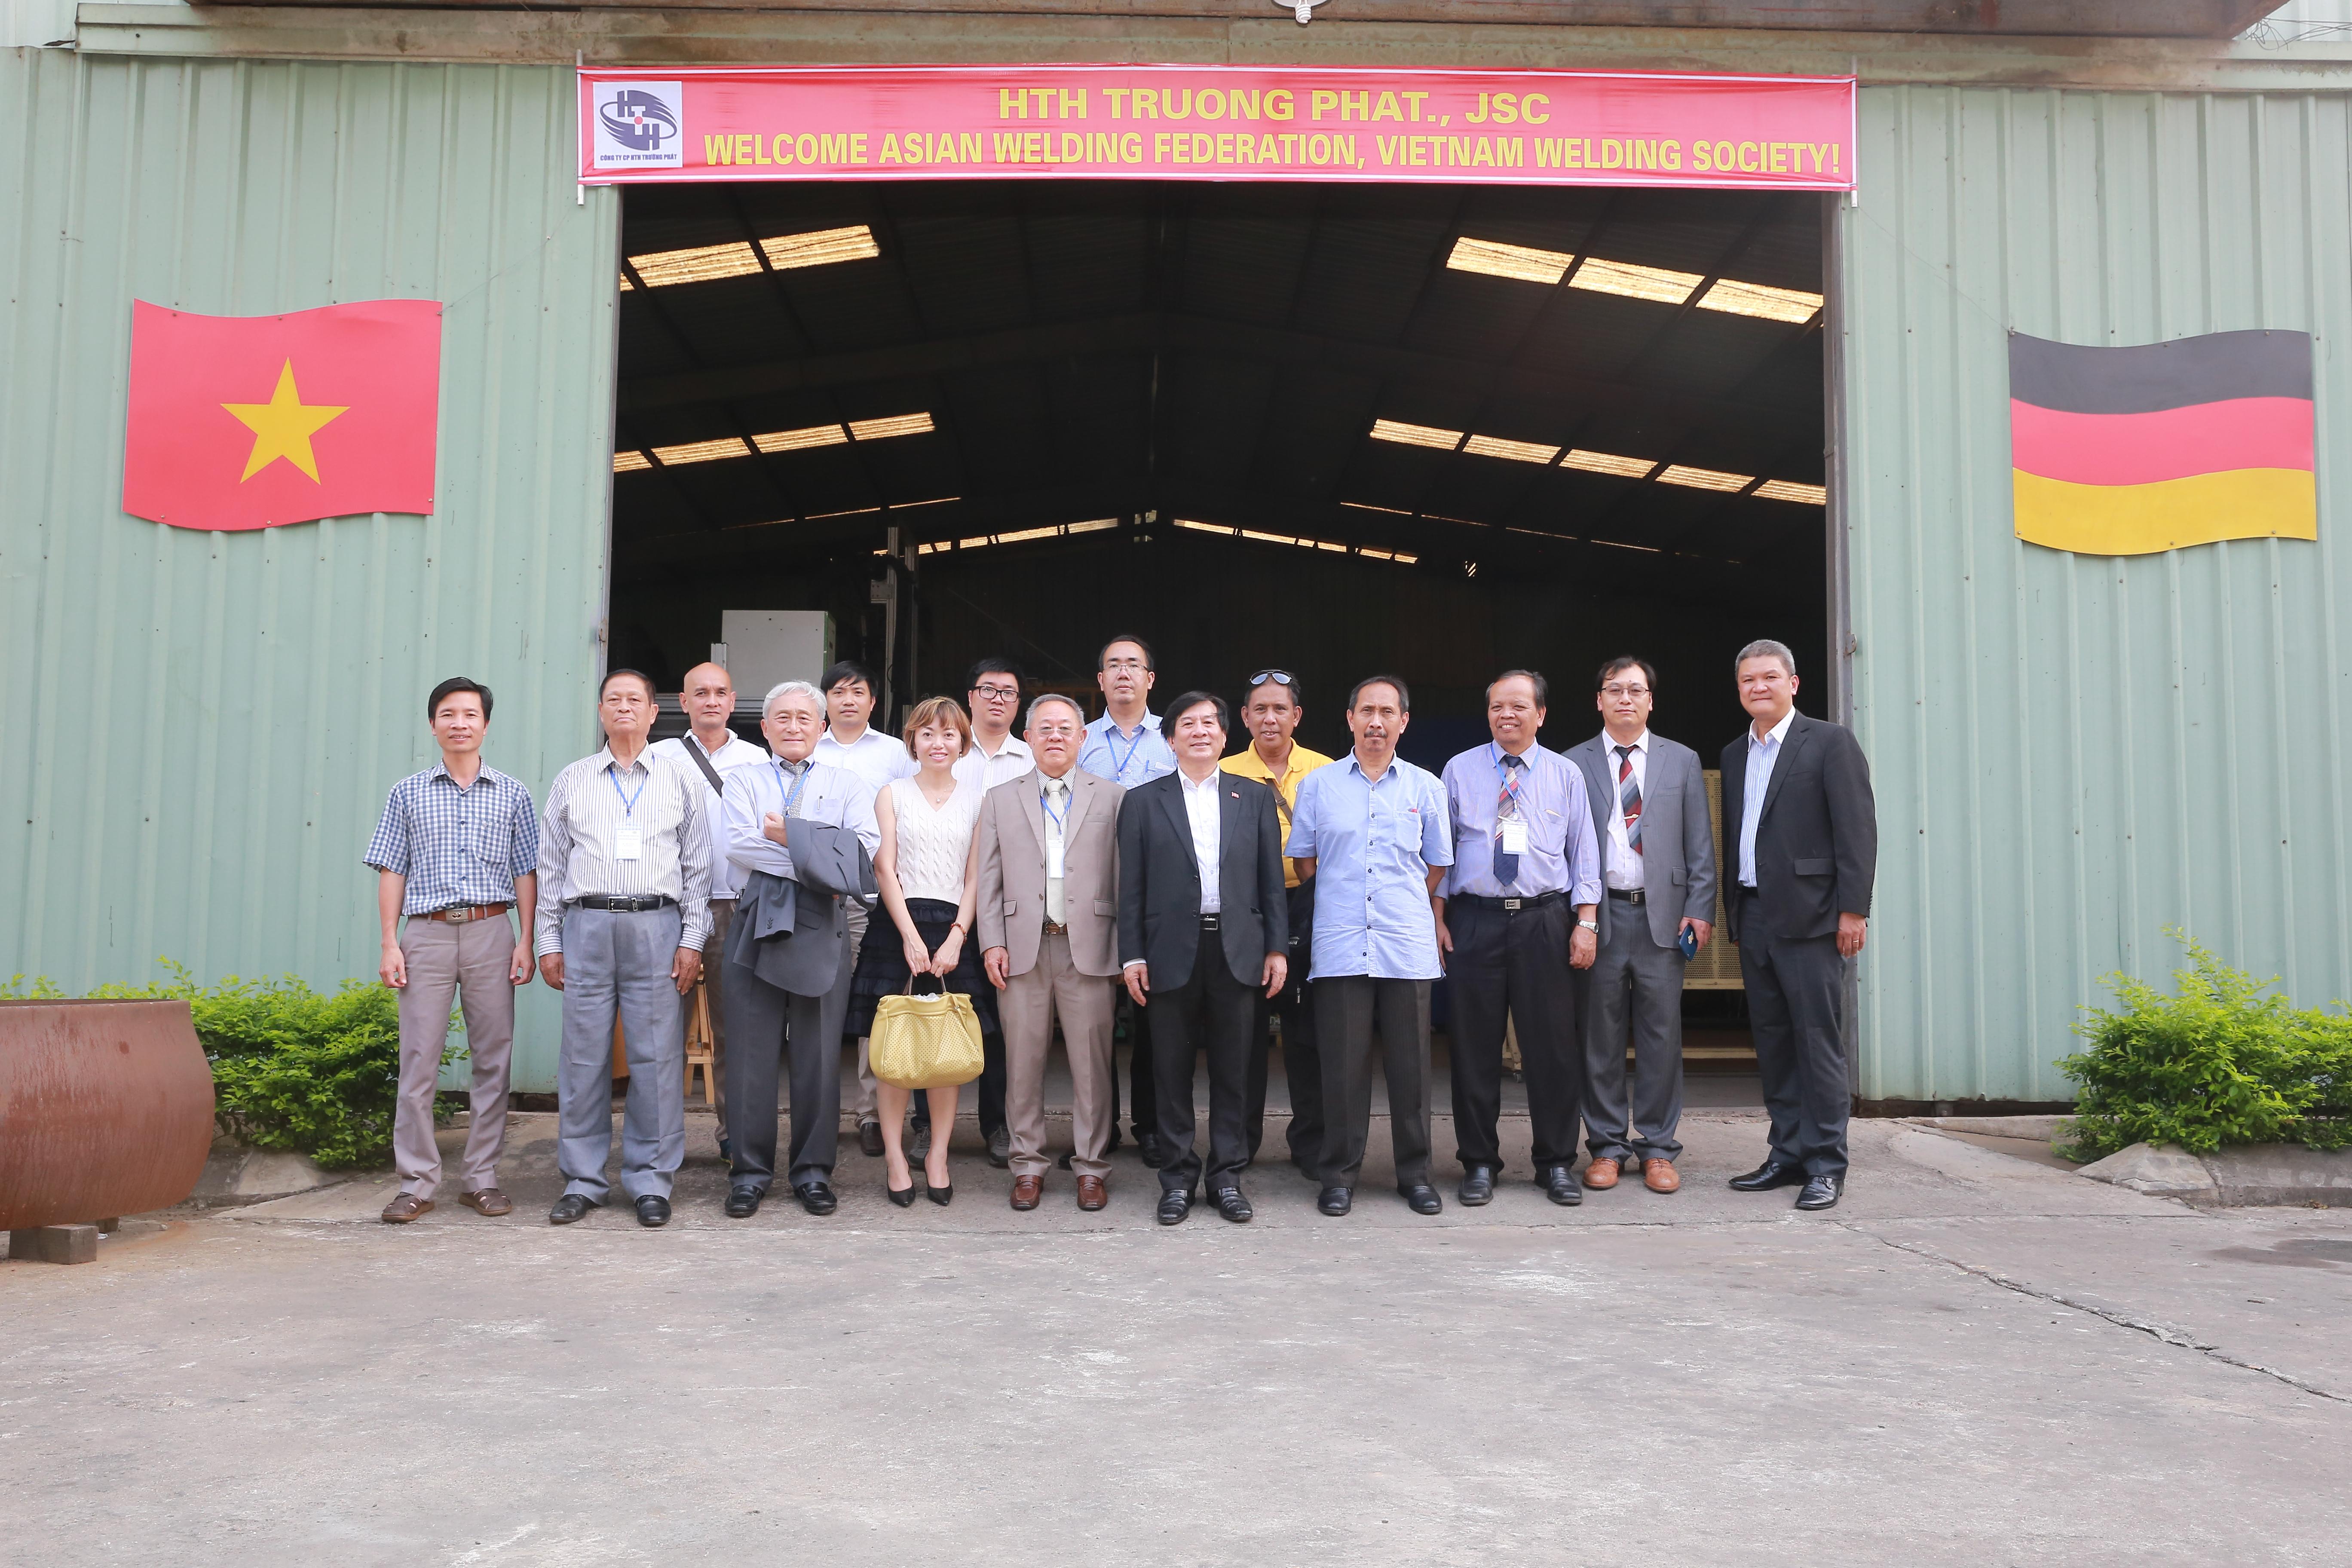 """Sự kiện: """"Chào đón Liên đoàn hàn Hàn Châu Á và Hiệp hội Khoa học kỹ thuật Hàn Việt Nam"""" tại Công ty CP HTH Trường Phát"""